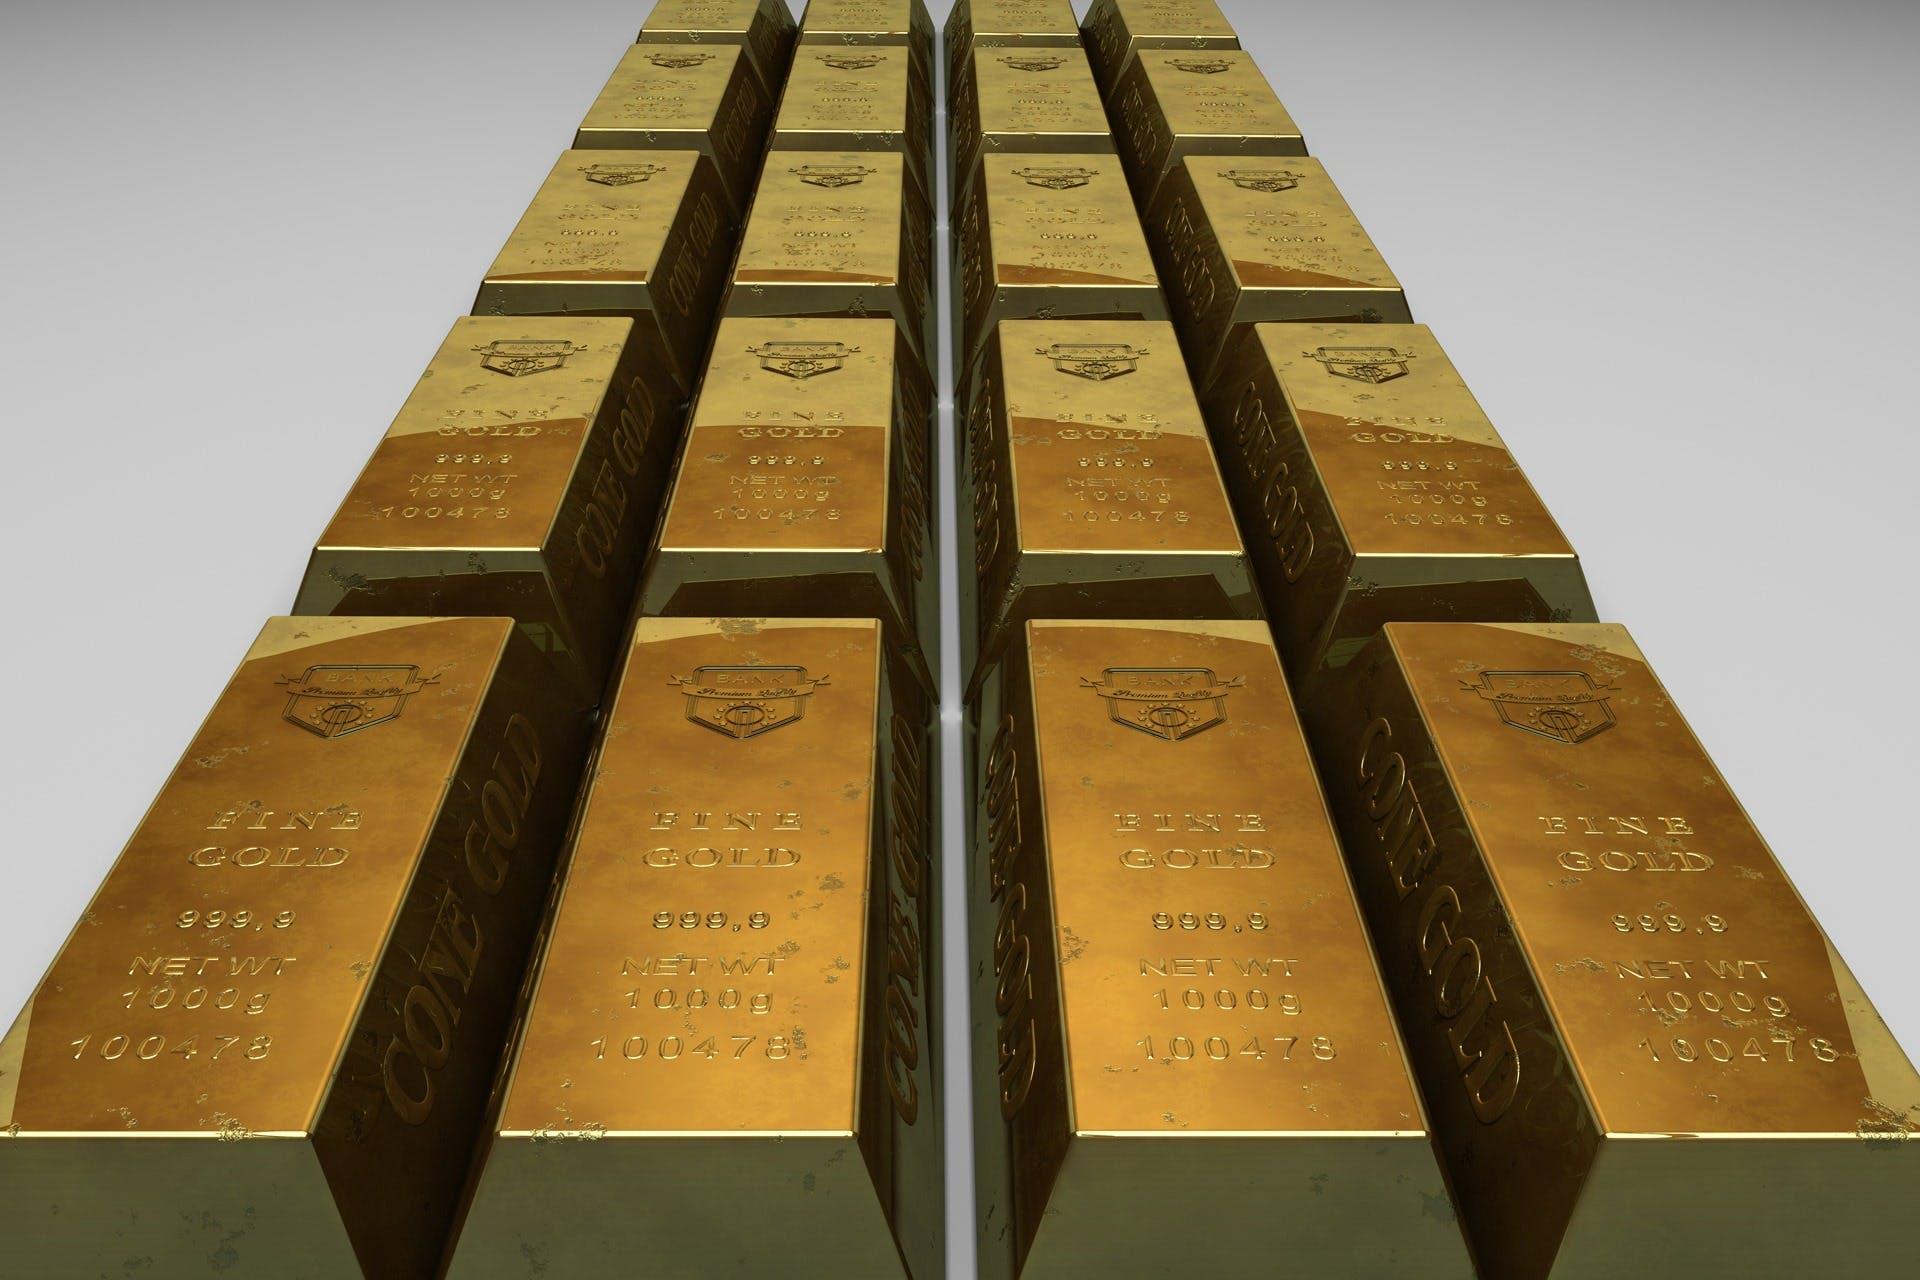 altın, altın külçeleri, külçe altın içeren Ücretsiz stok fotoğraf